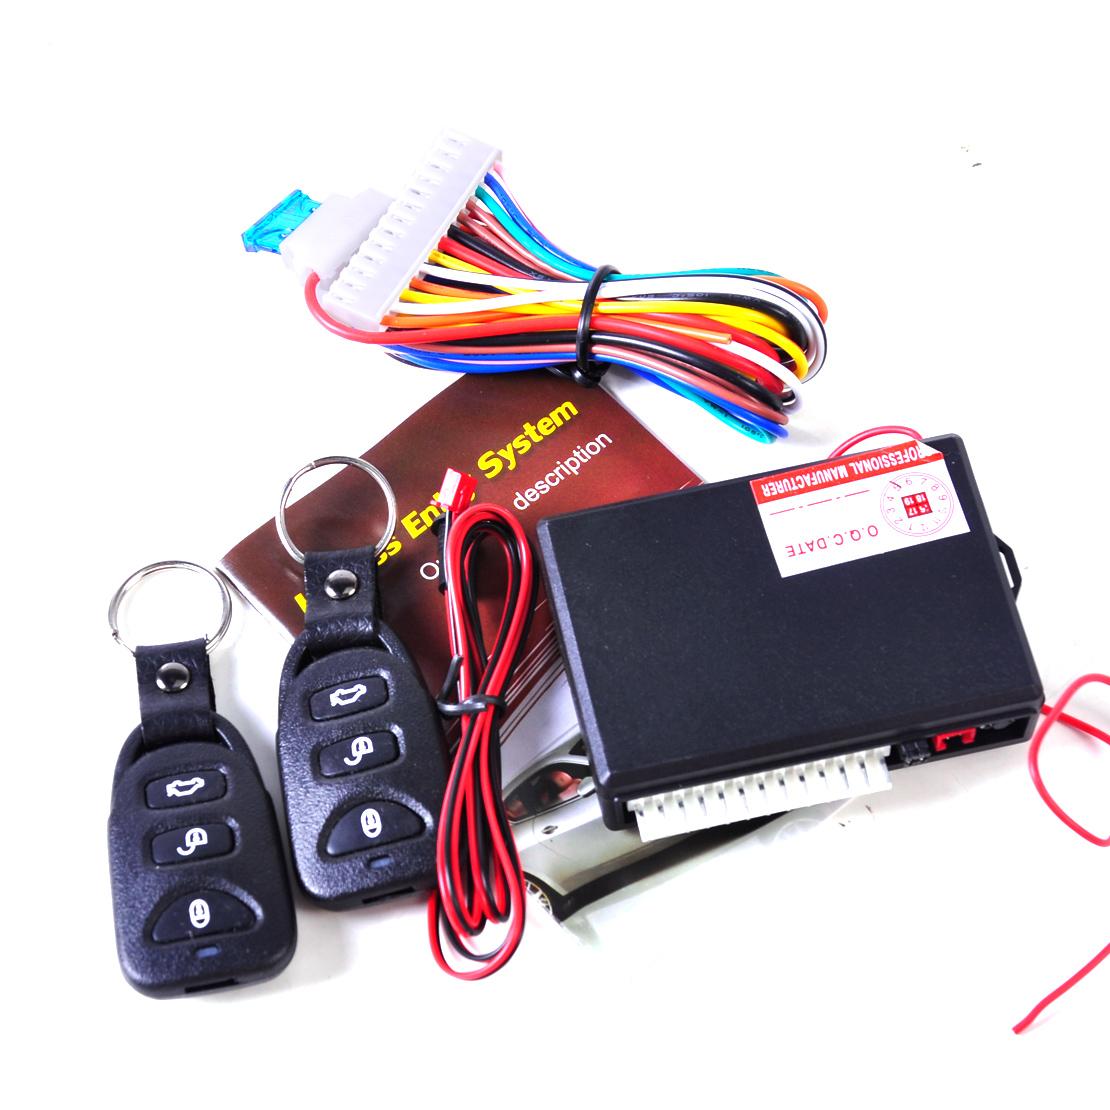 Wiring Harness Kit For 2016 Kia Sorento In Addition 2013 Kia Sorento